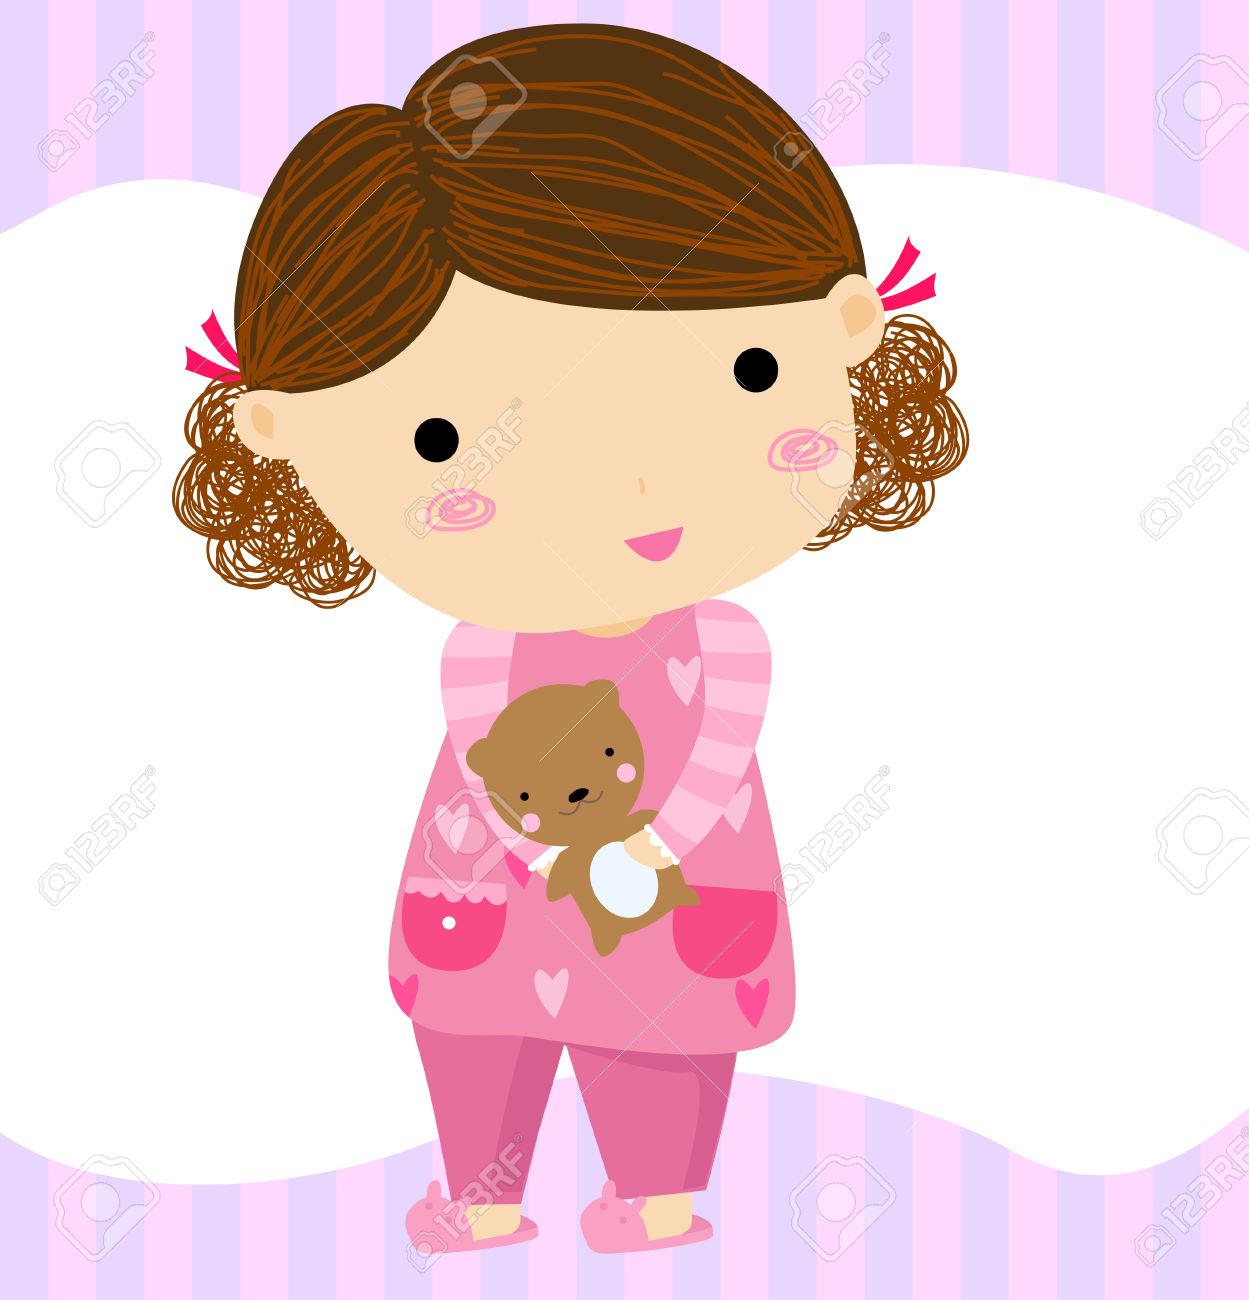 3,547 Pajamas Stock Vector Illustration And Royalty Free Pajamas.